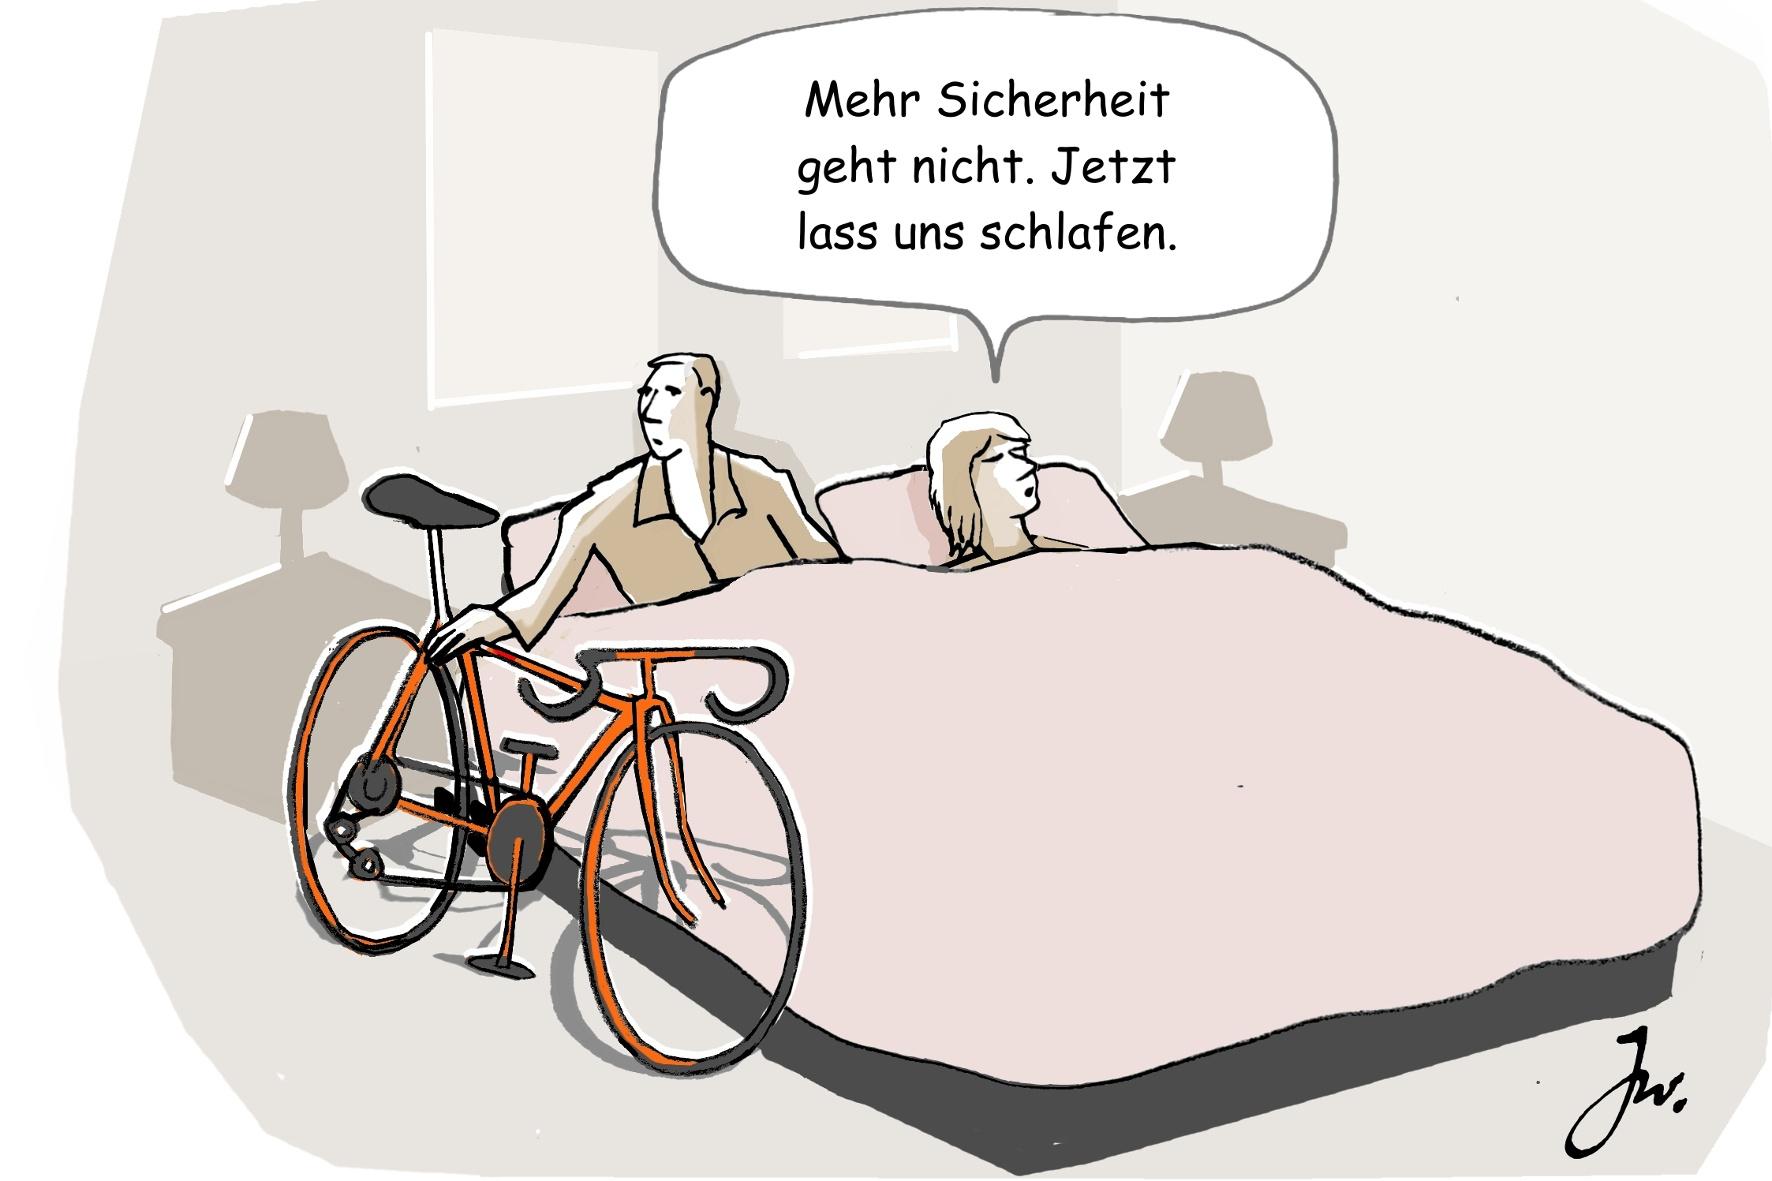 Bei Fahrraddiebstahl lag die Schadenshöhe pro Rad im Vorjahr bei 630 Euro